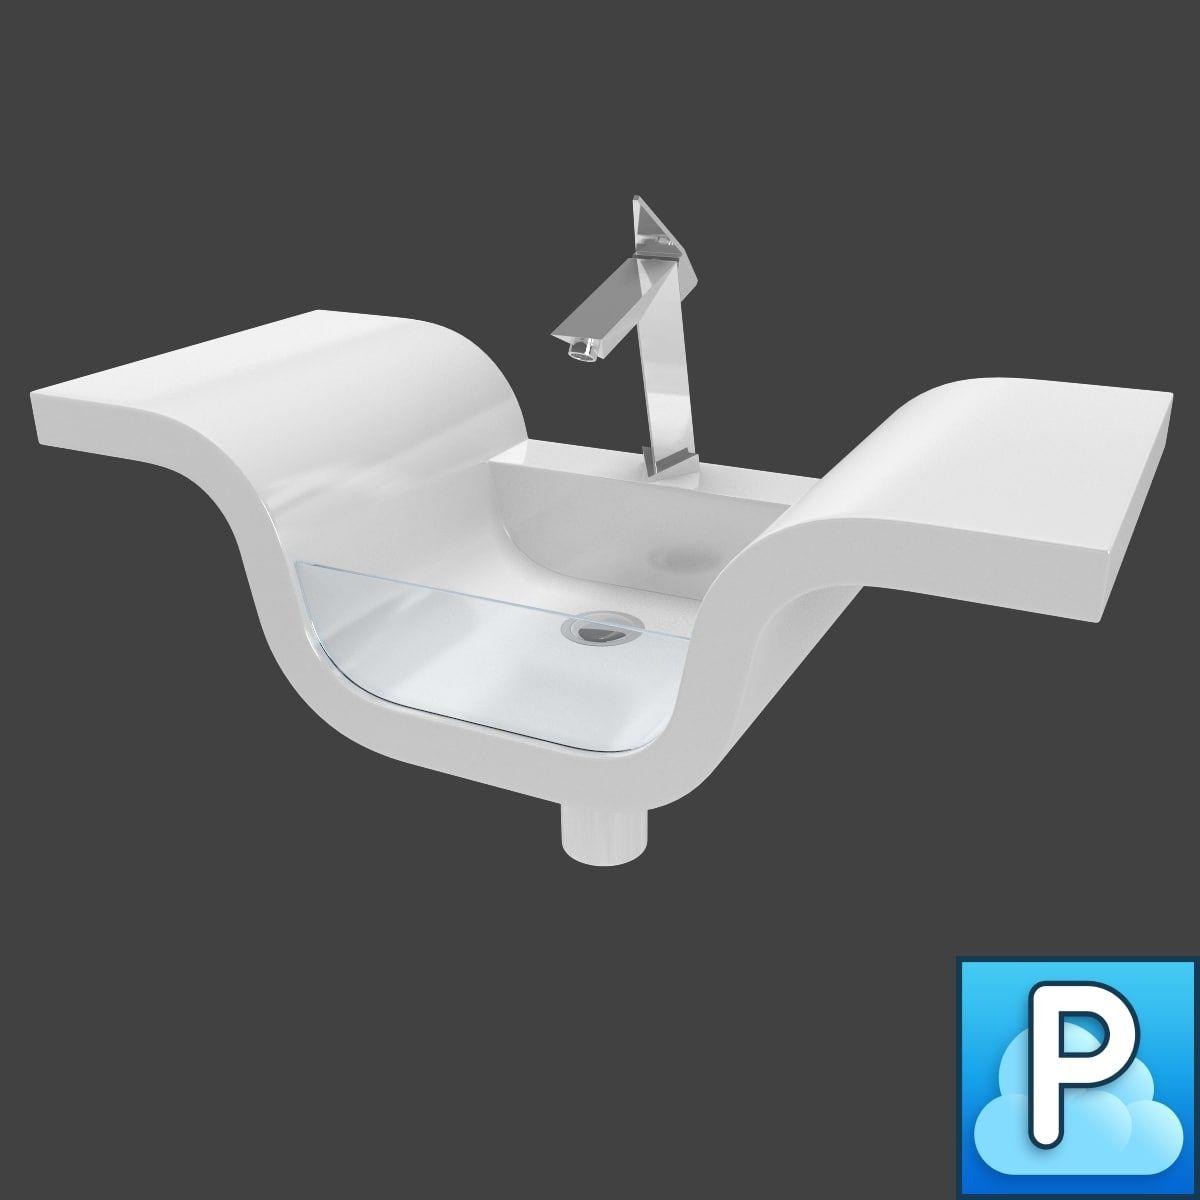 3Ds Max Sink Faucet - 3D Model   3D-Modeling   Pinterest   Faucet ...